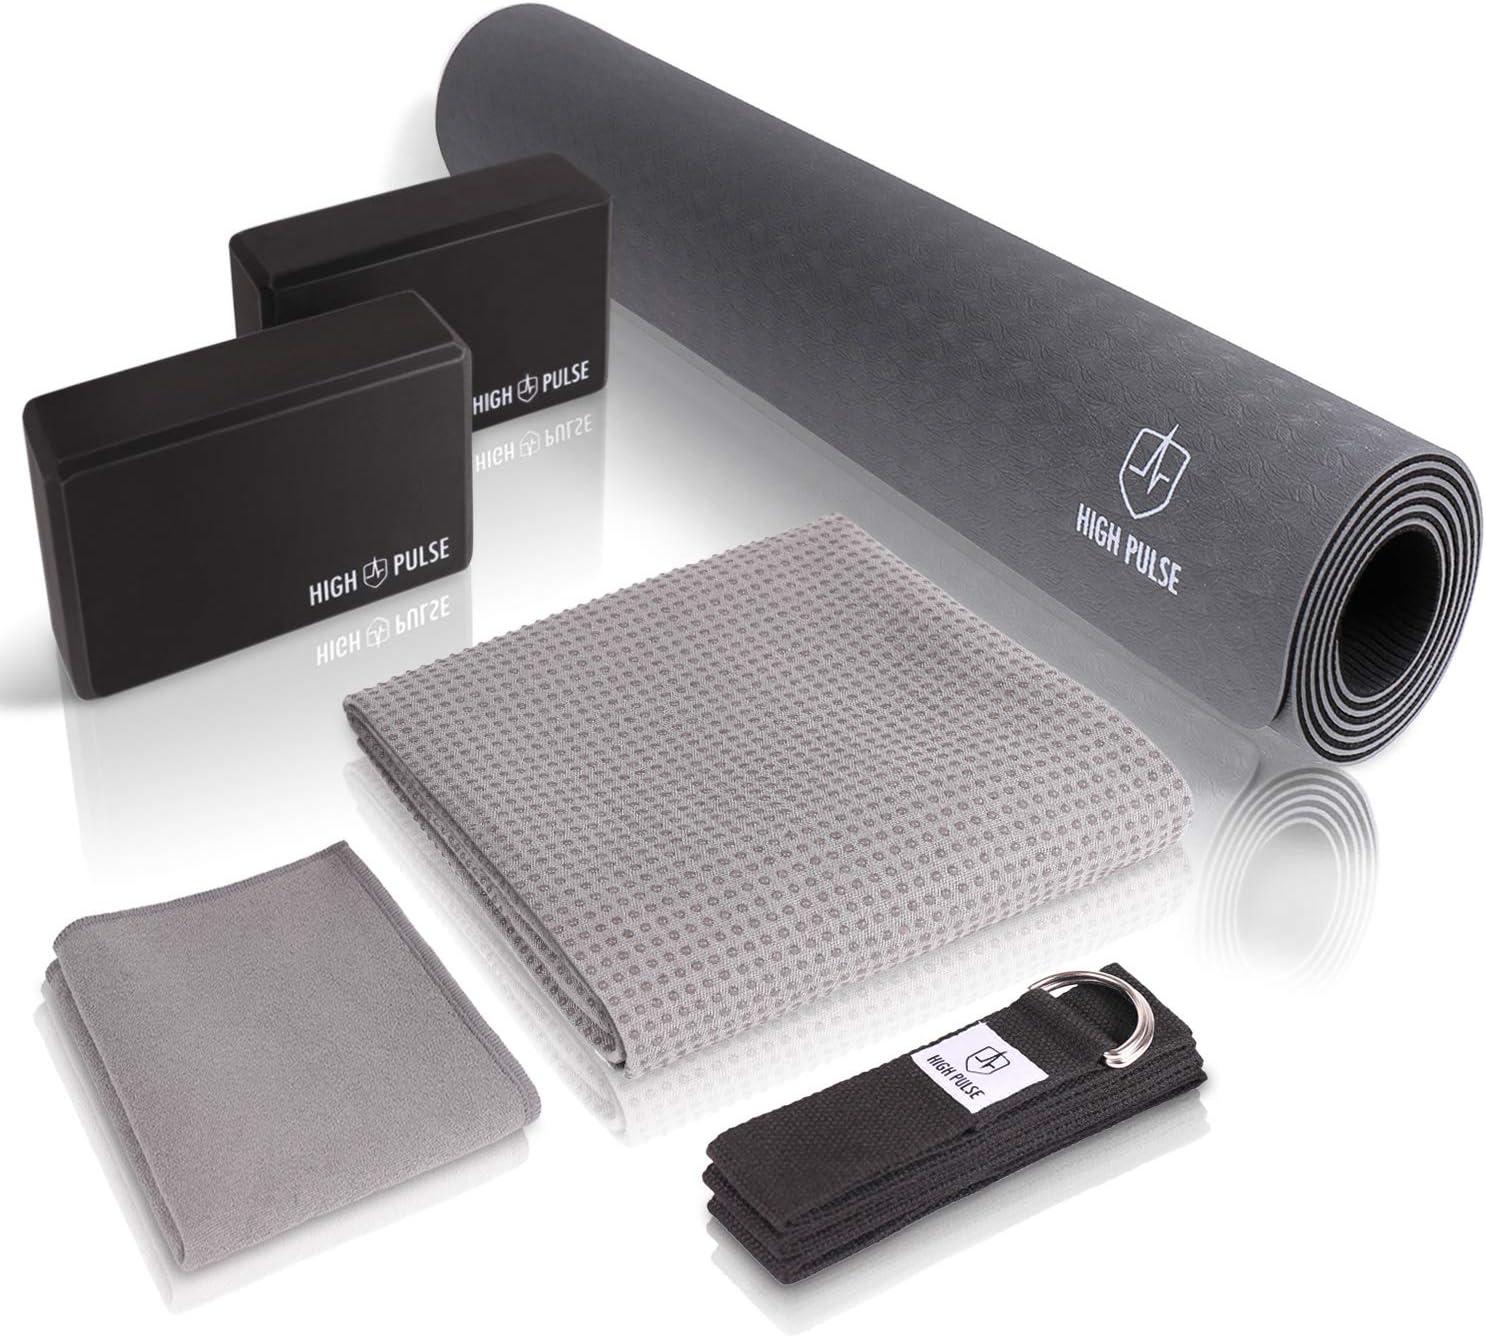 Hochwertige Yogablöcke als praktisches Zub High Pulse® Yoga Block 2er Set